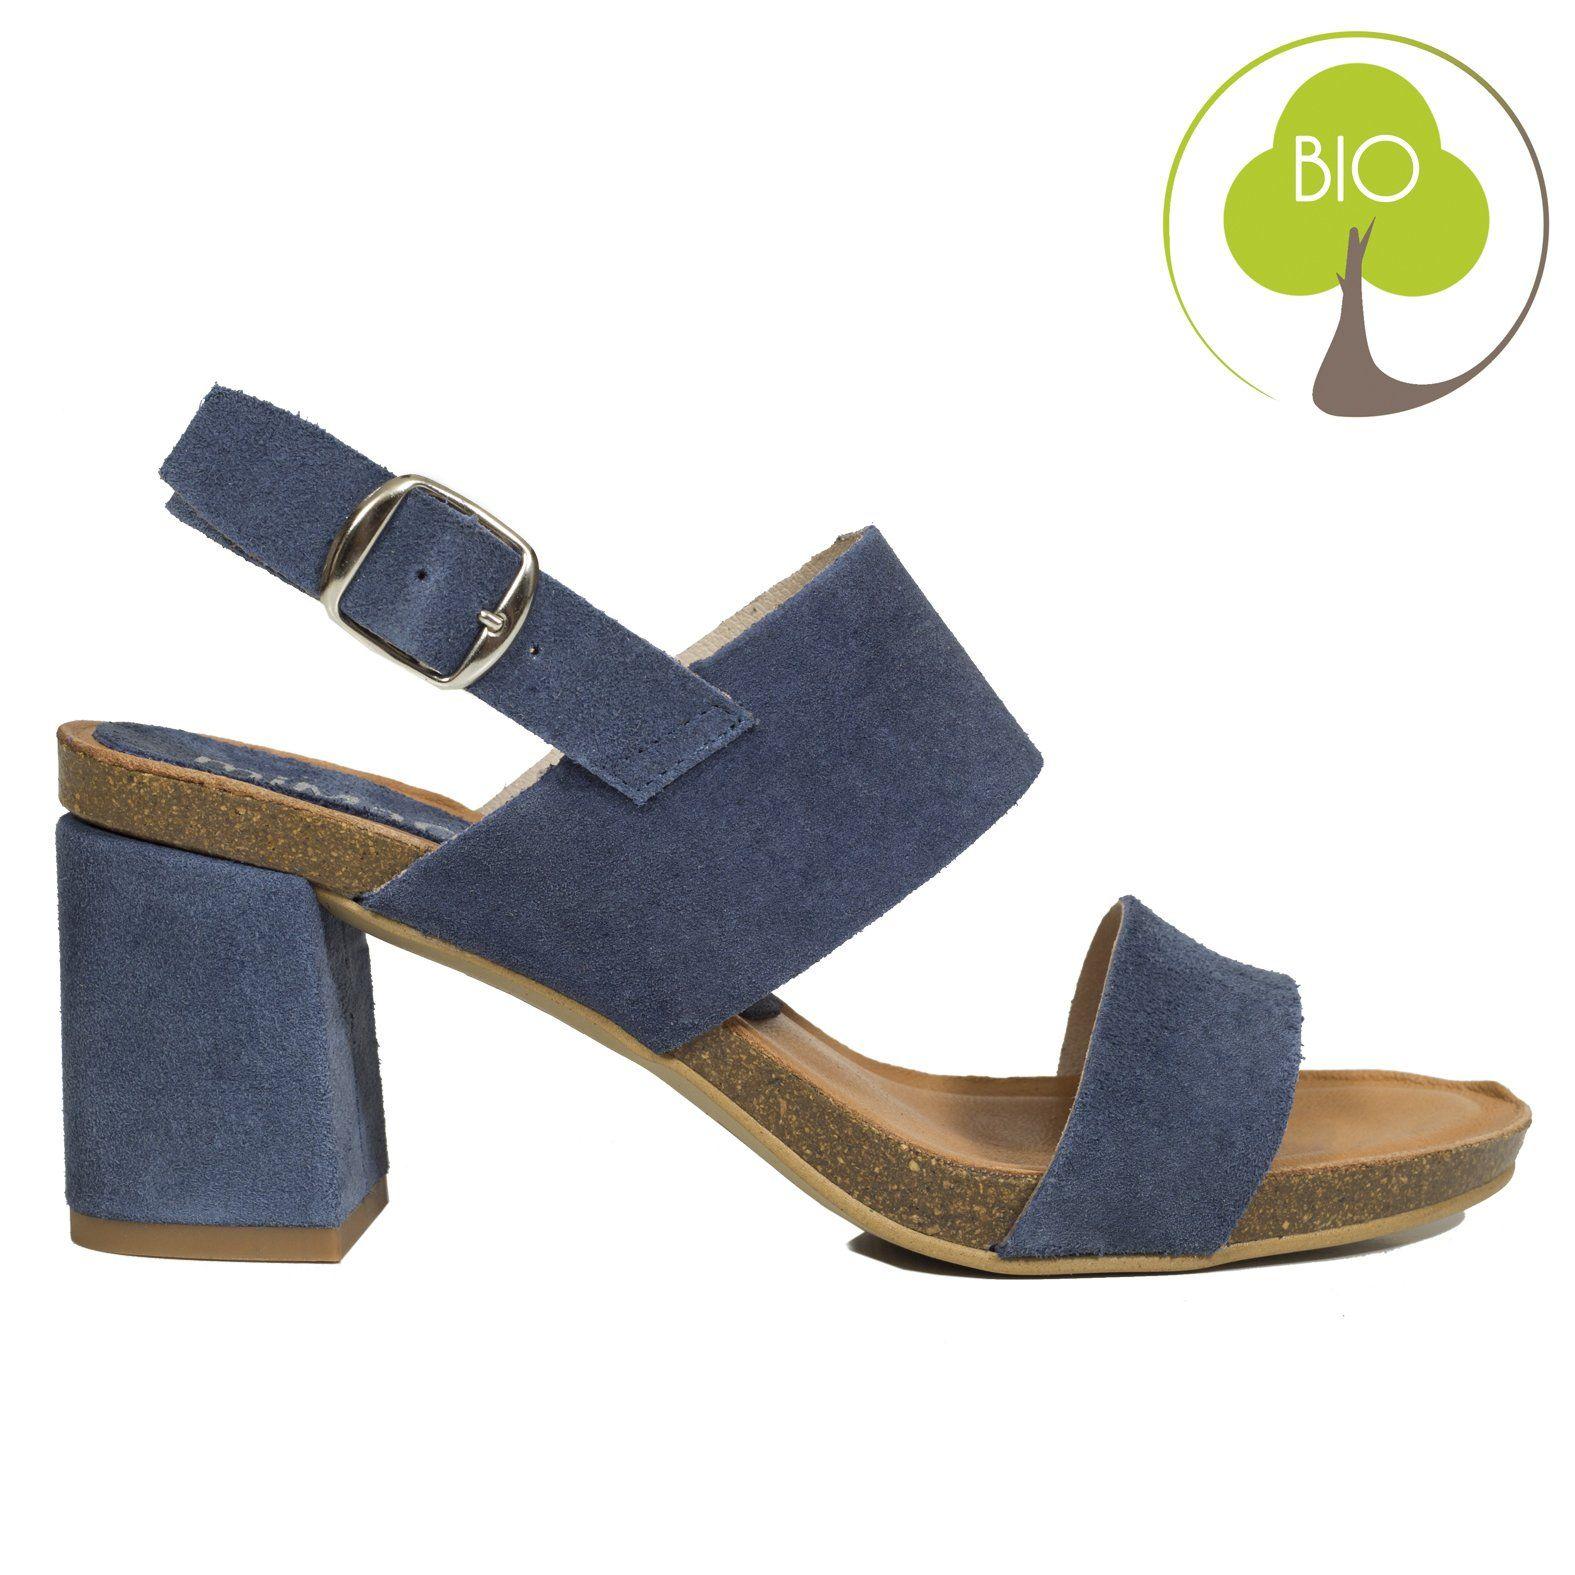 Plataforma 2019 Sandalias Jeans Azul En Bio QdrCsth